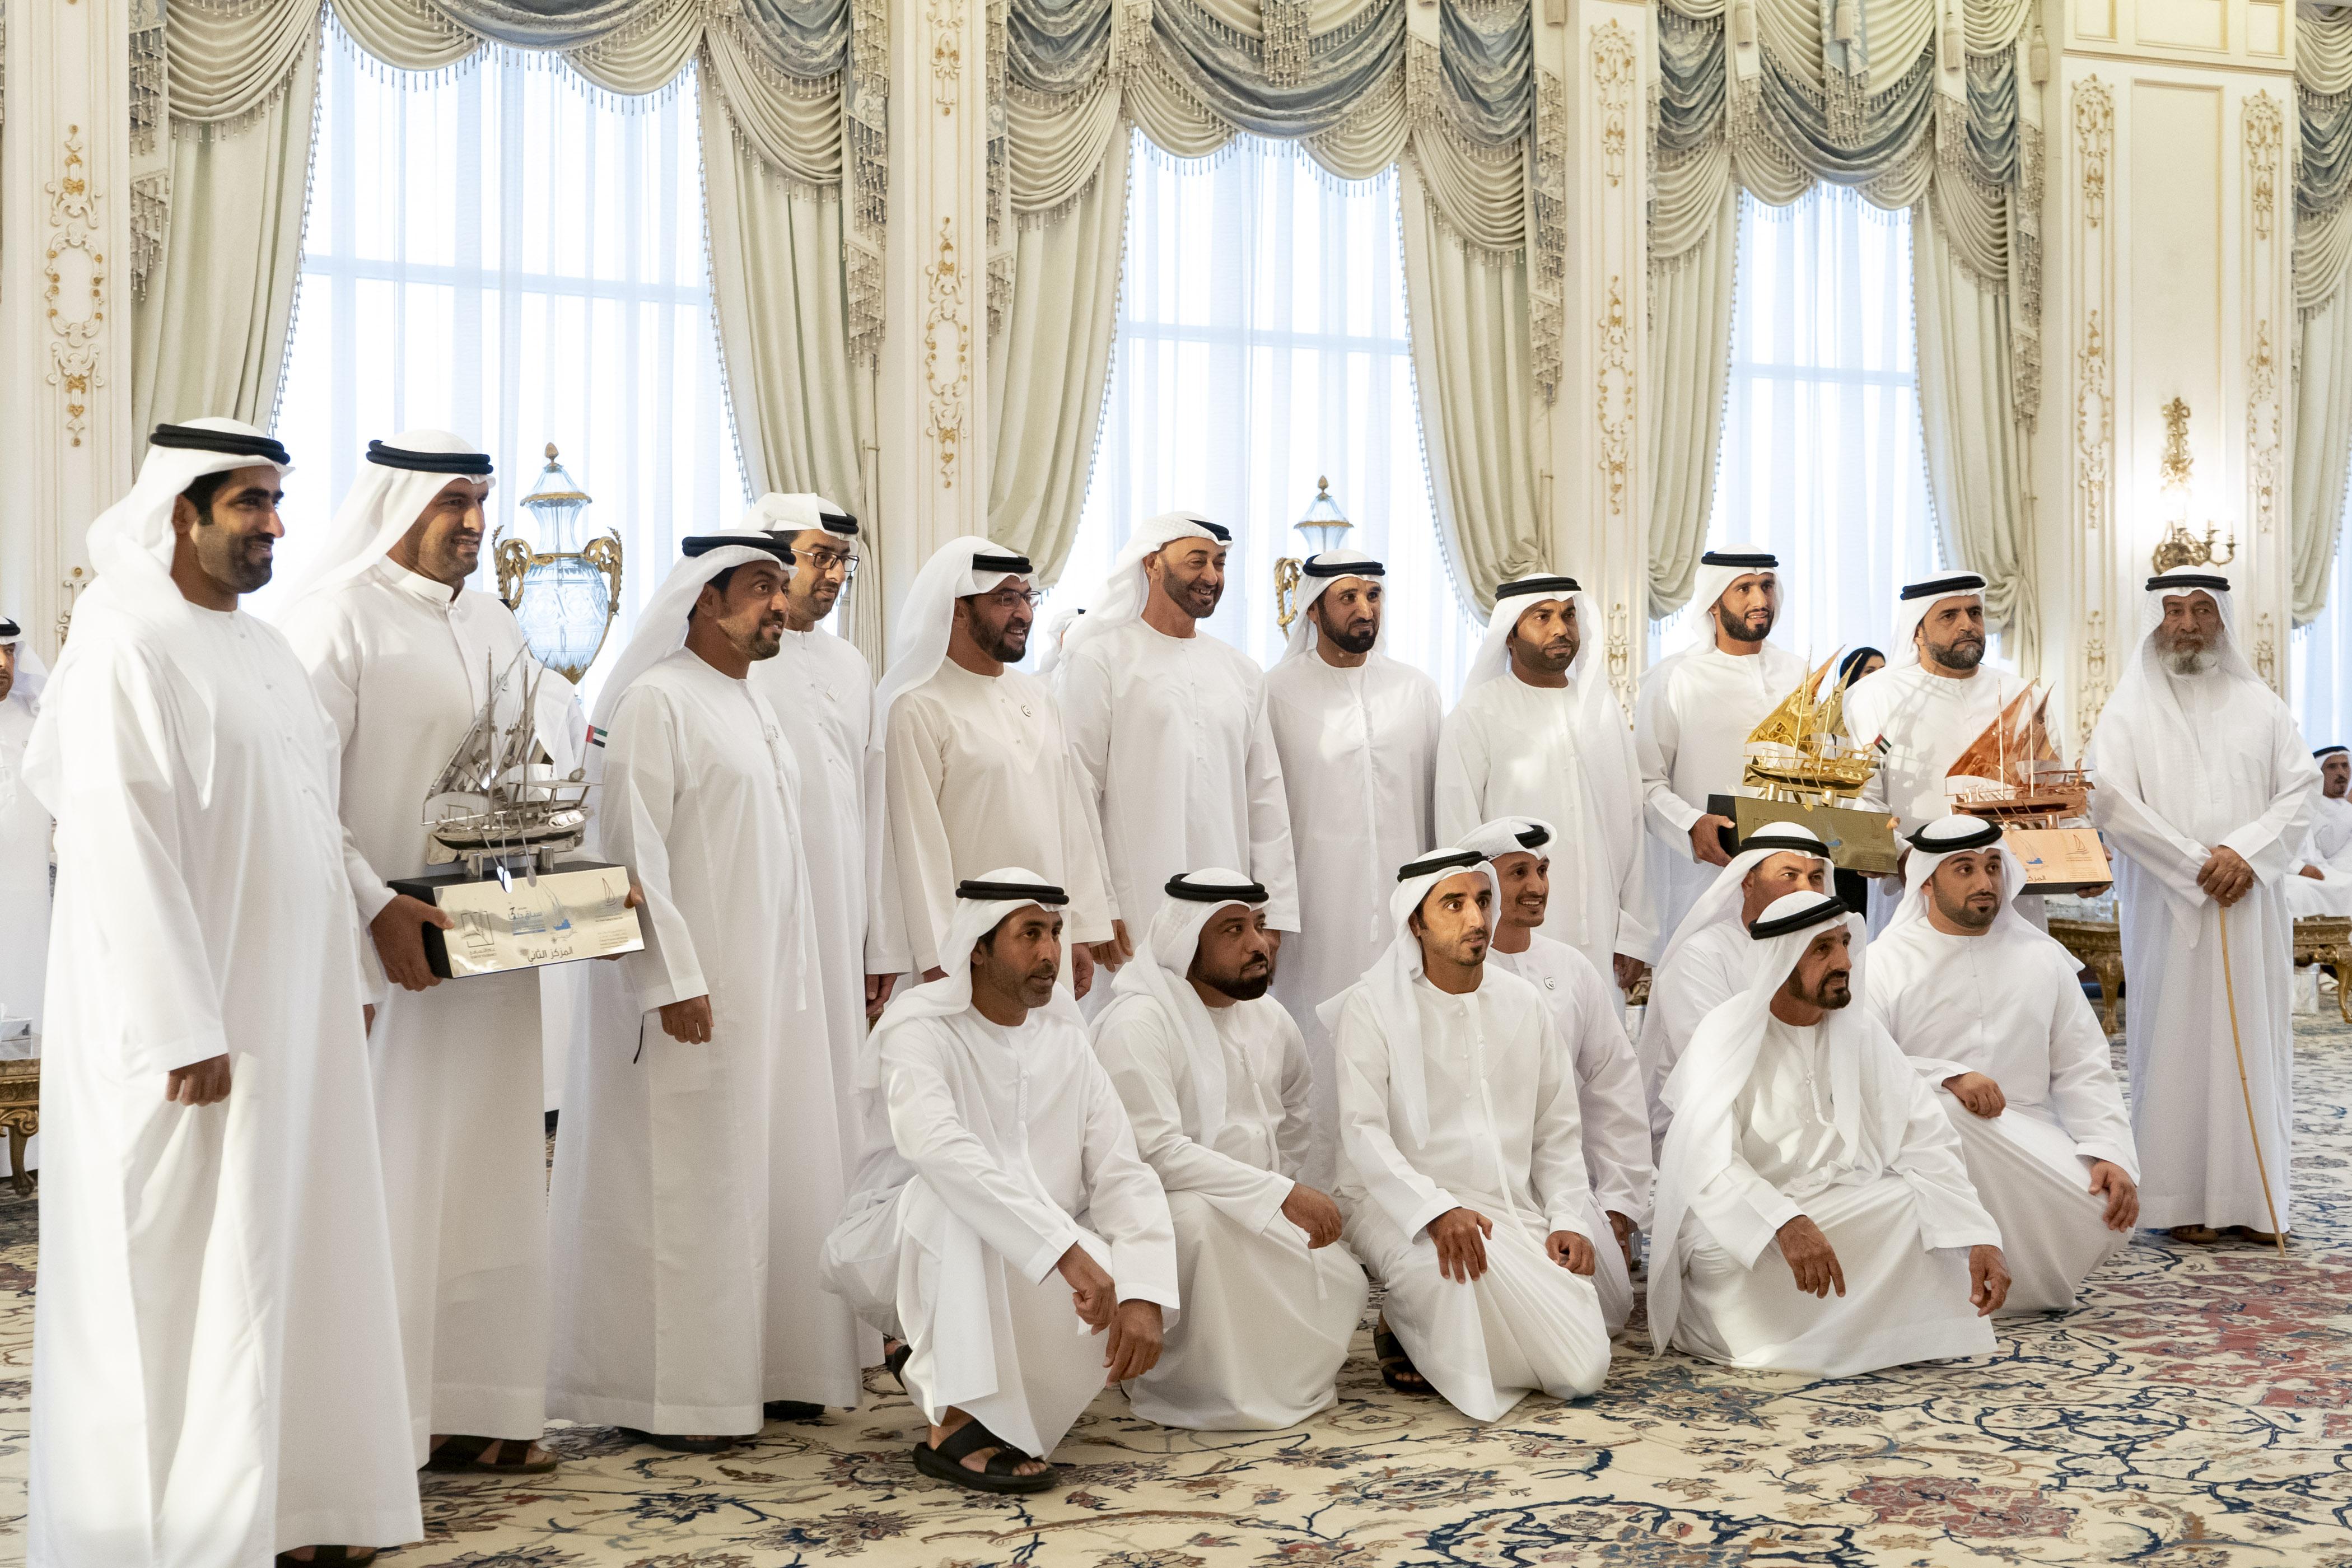 محمد بن زايد يستقبل اللجنة المنظمة والفائزين في سباق دلما الثالث للمحامل الشراعية فئة 60 قدما